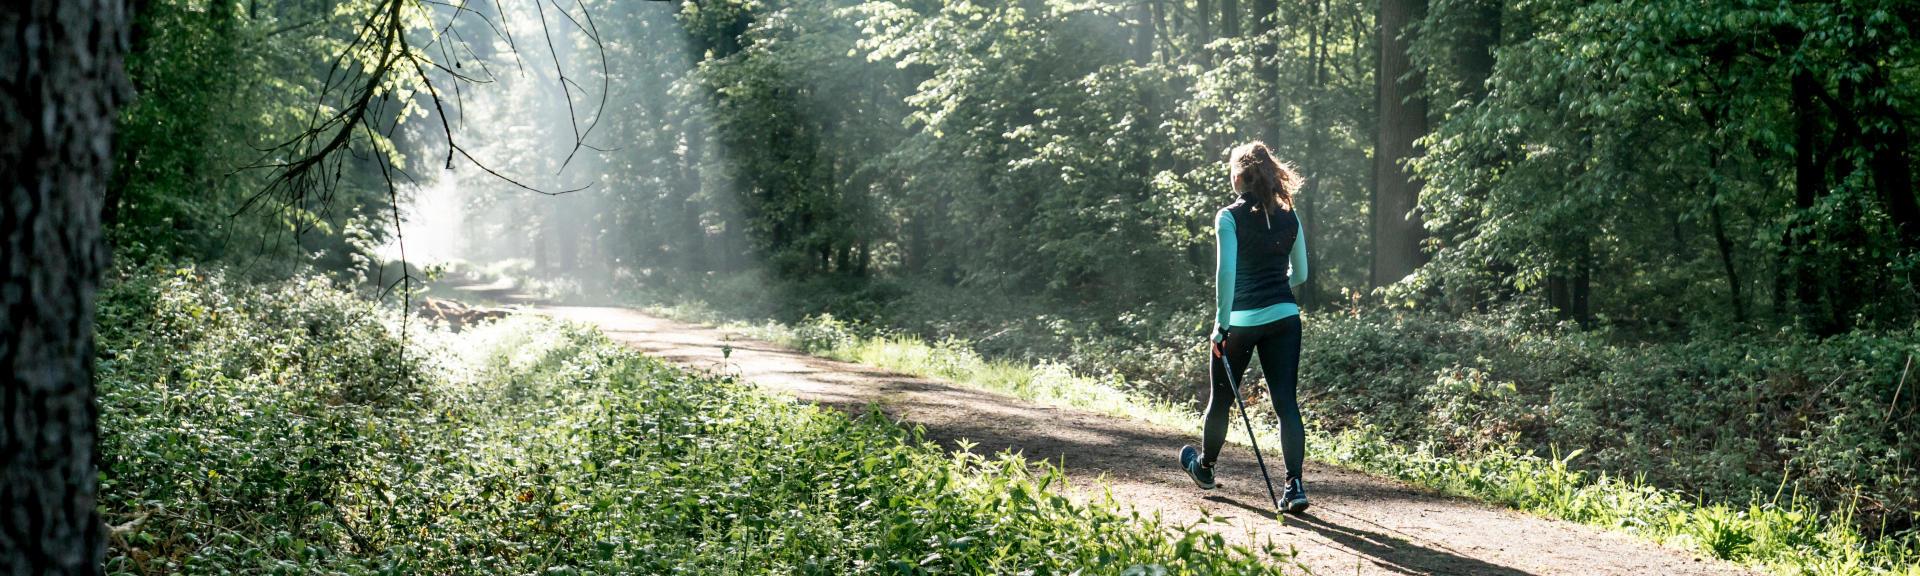 astuces-pour-se-protéger-des-insectes-en-forêt-marche-nordique